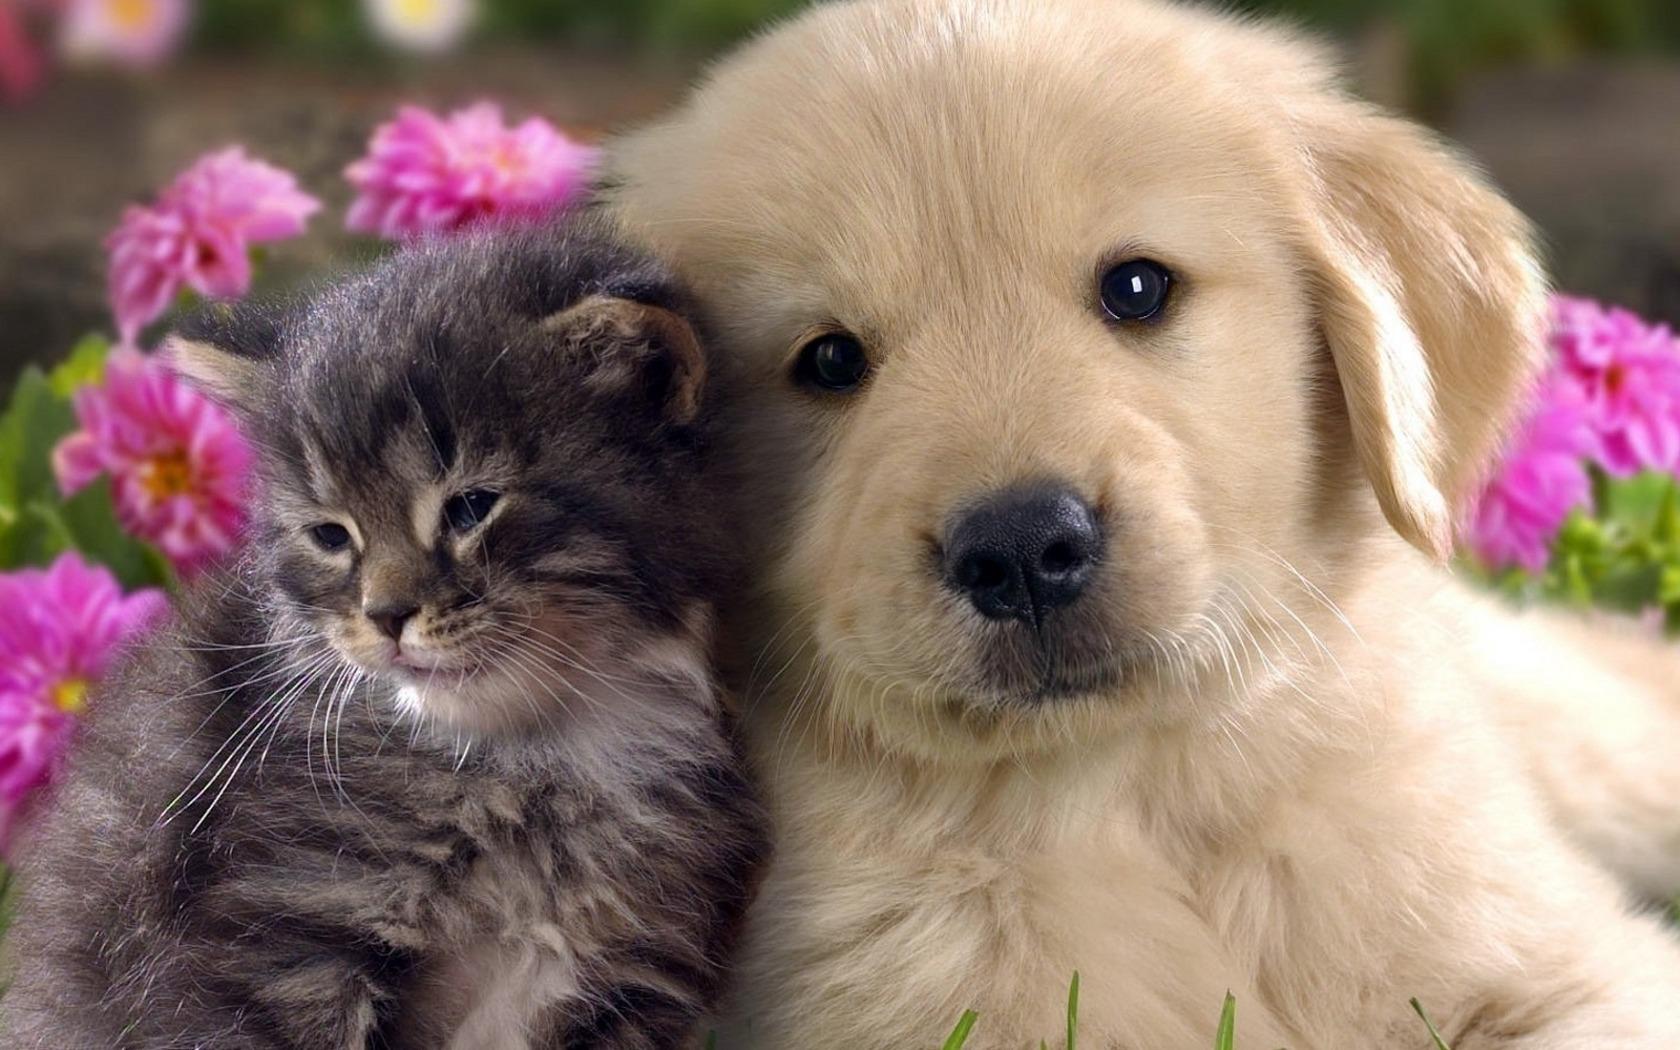 Картинки животных смотреть онлайн